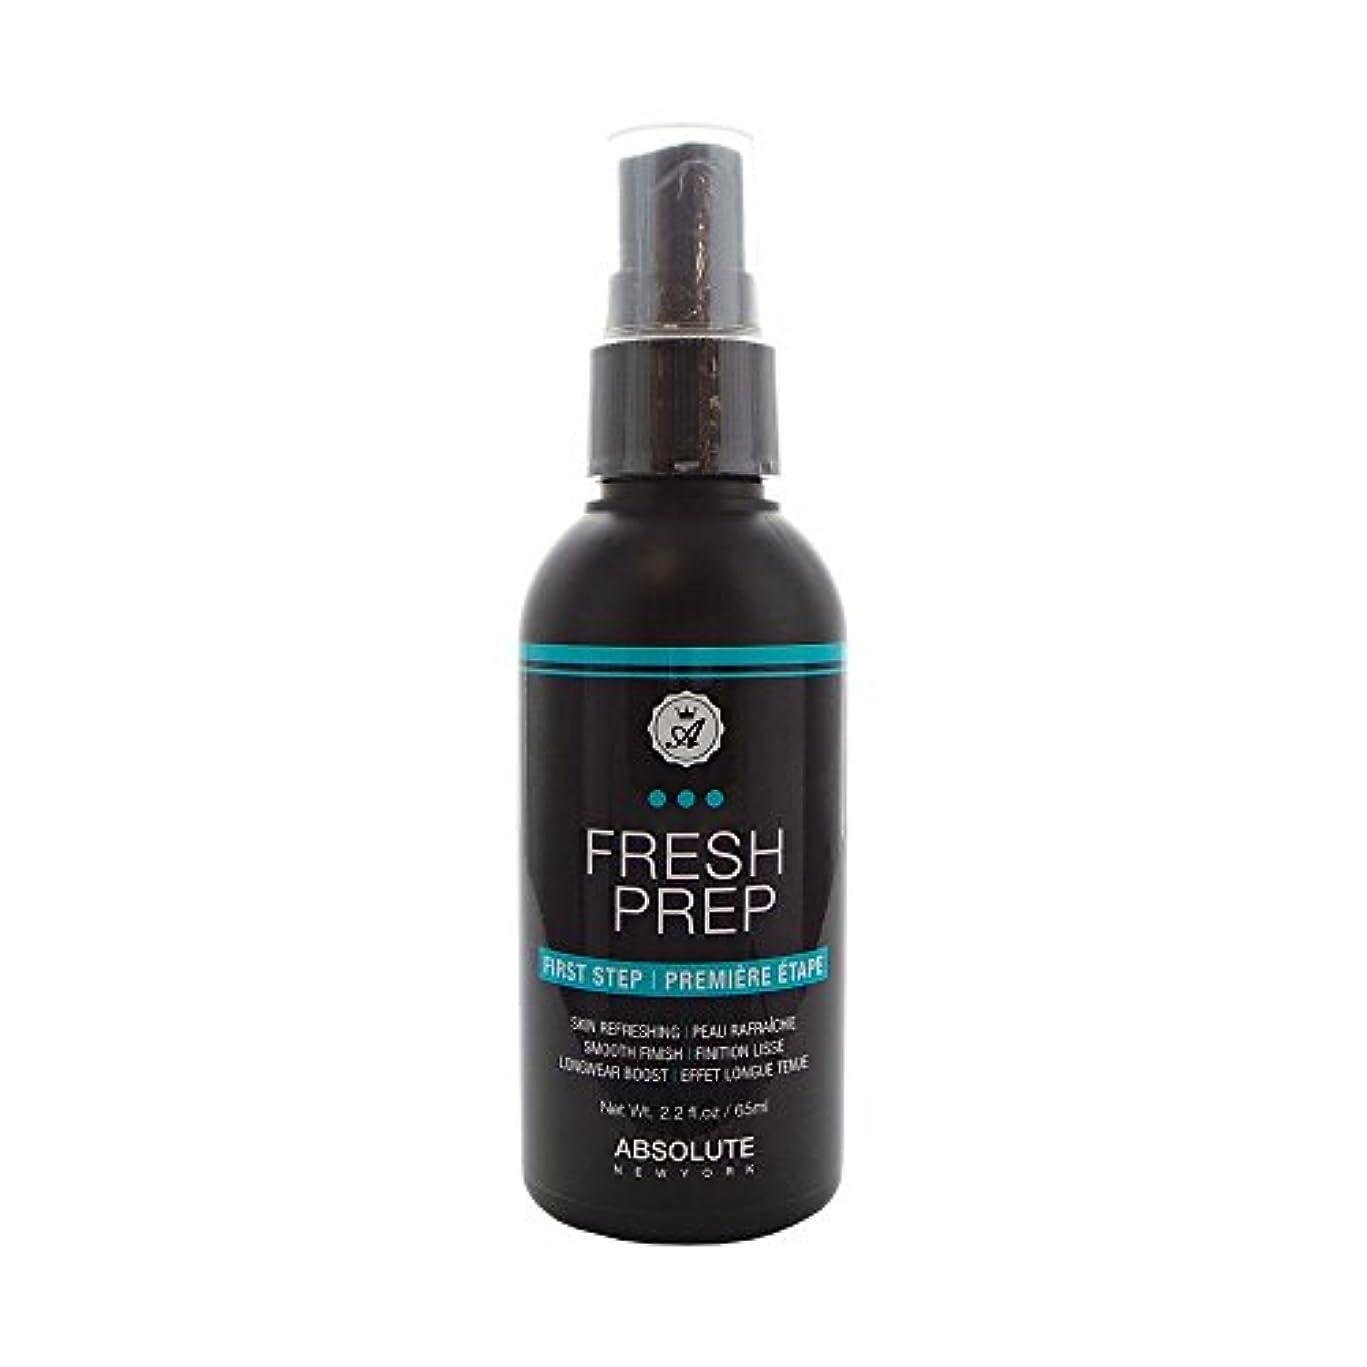 侵略パテホイストABSOLUTE Fresh Prep Primer Spray (並行輸入品)